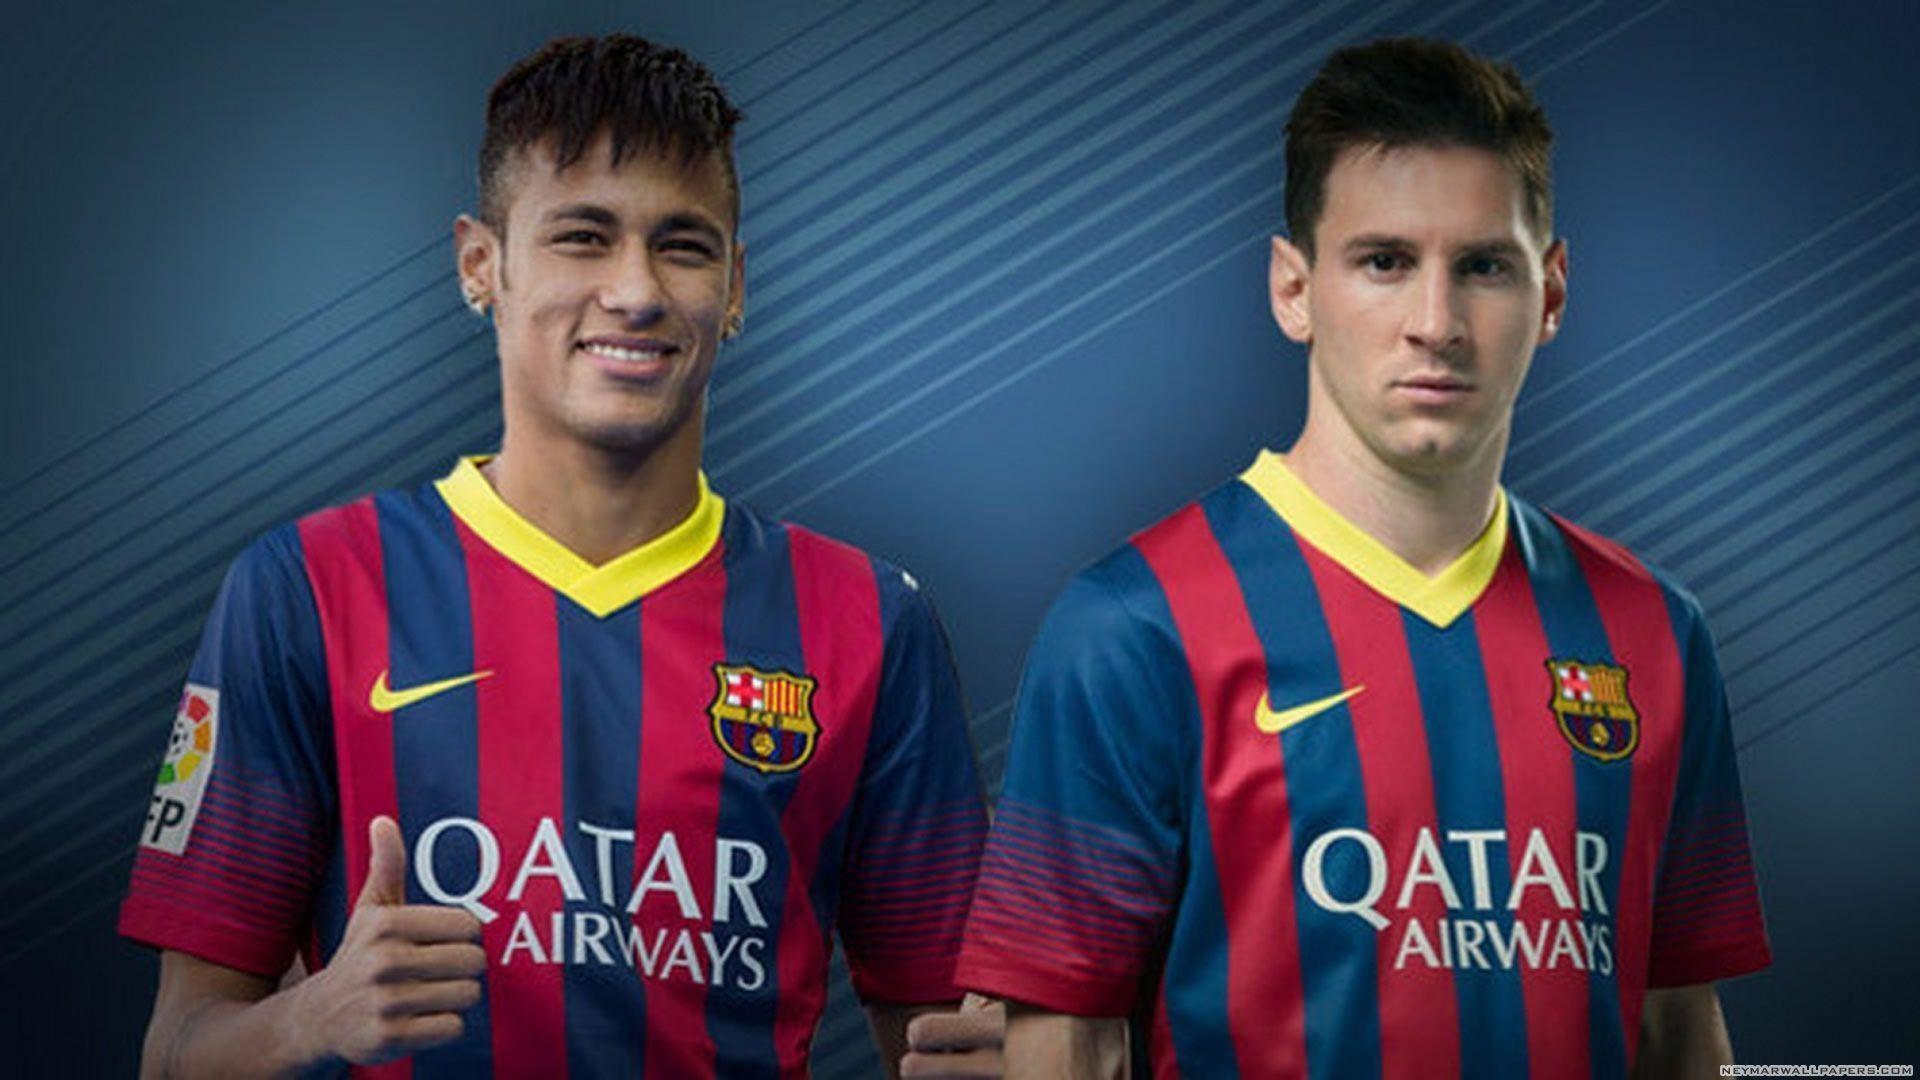 Messi and Neymar Wallpaper HD – WallpaperSafari